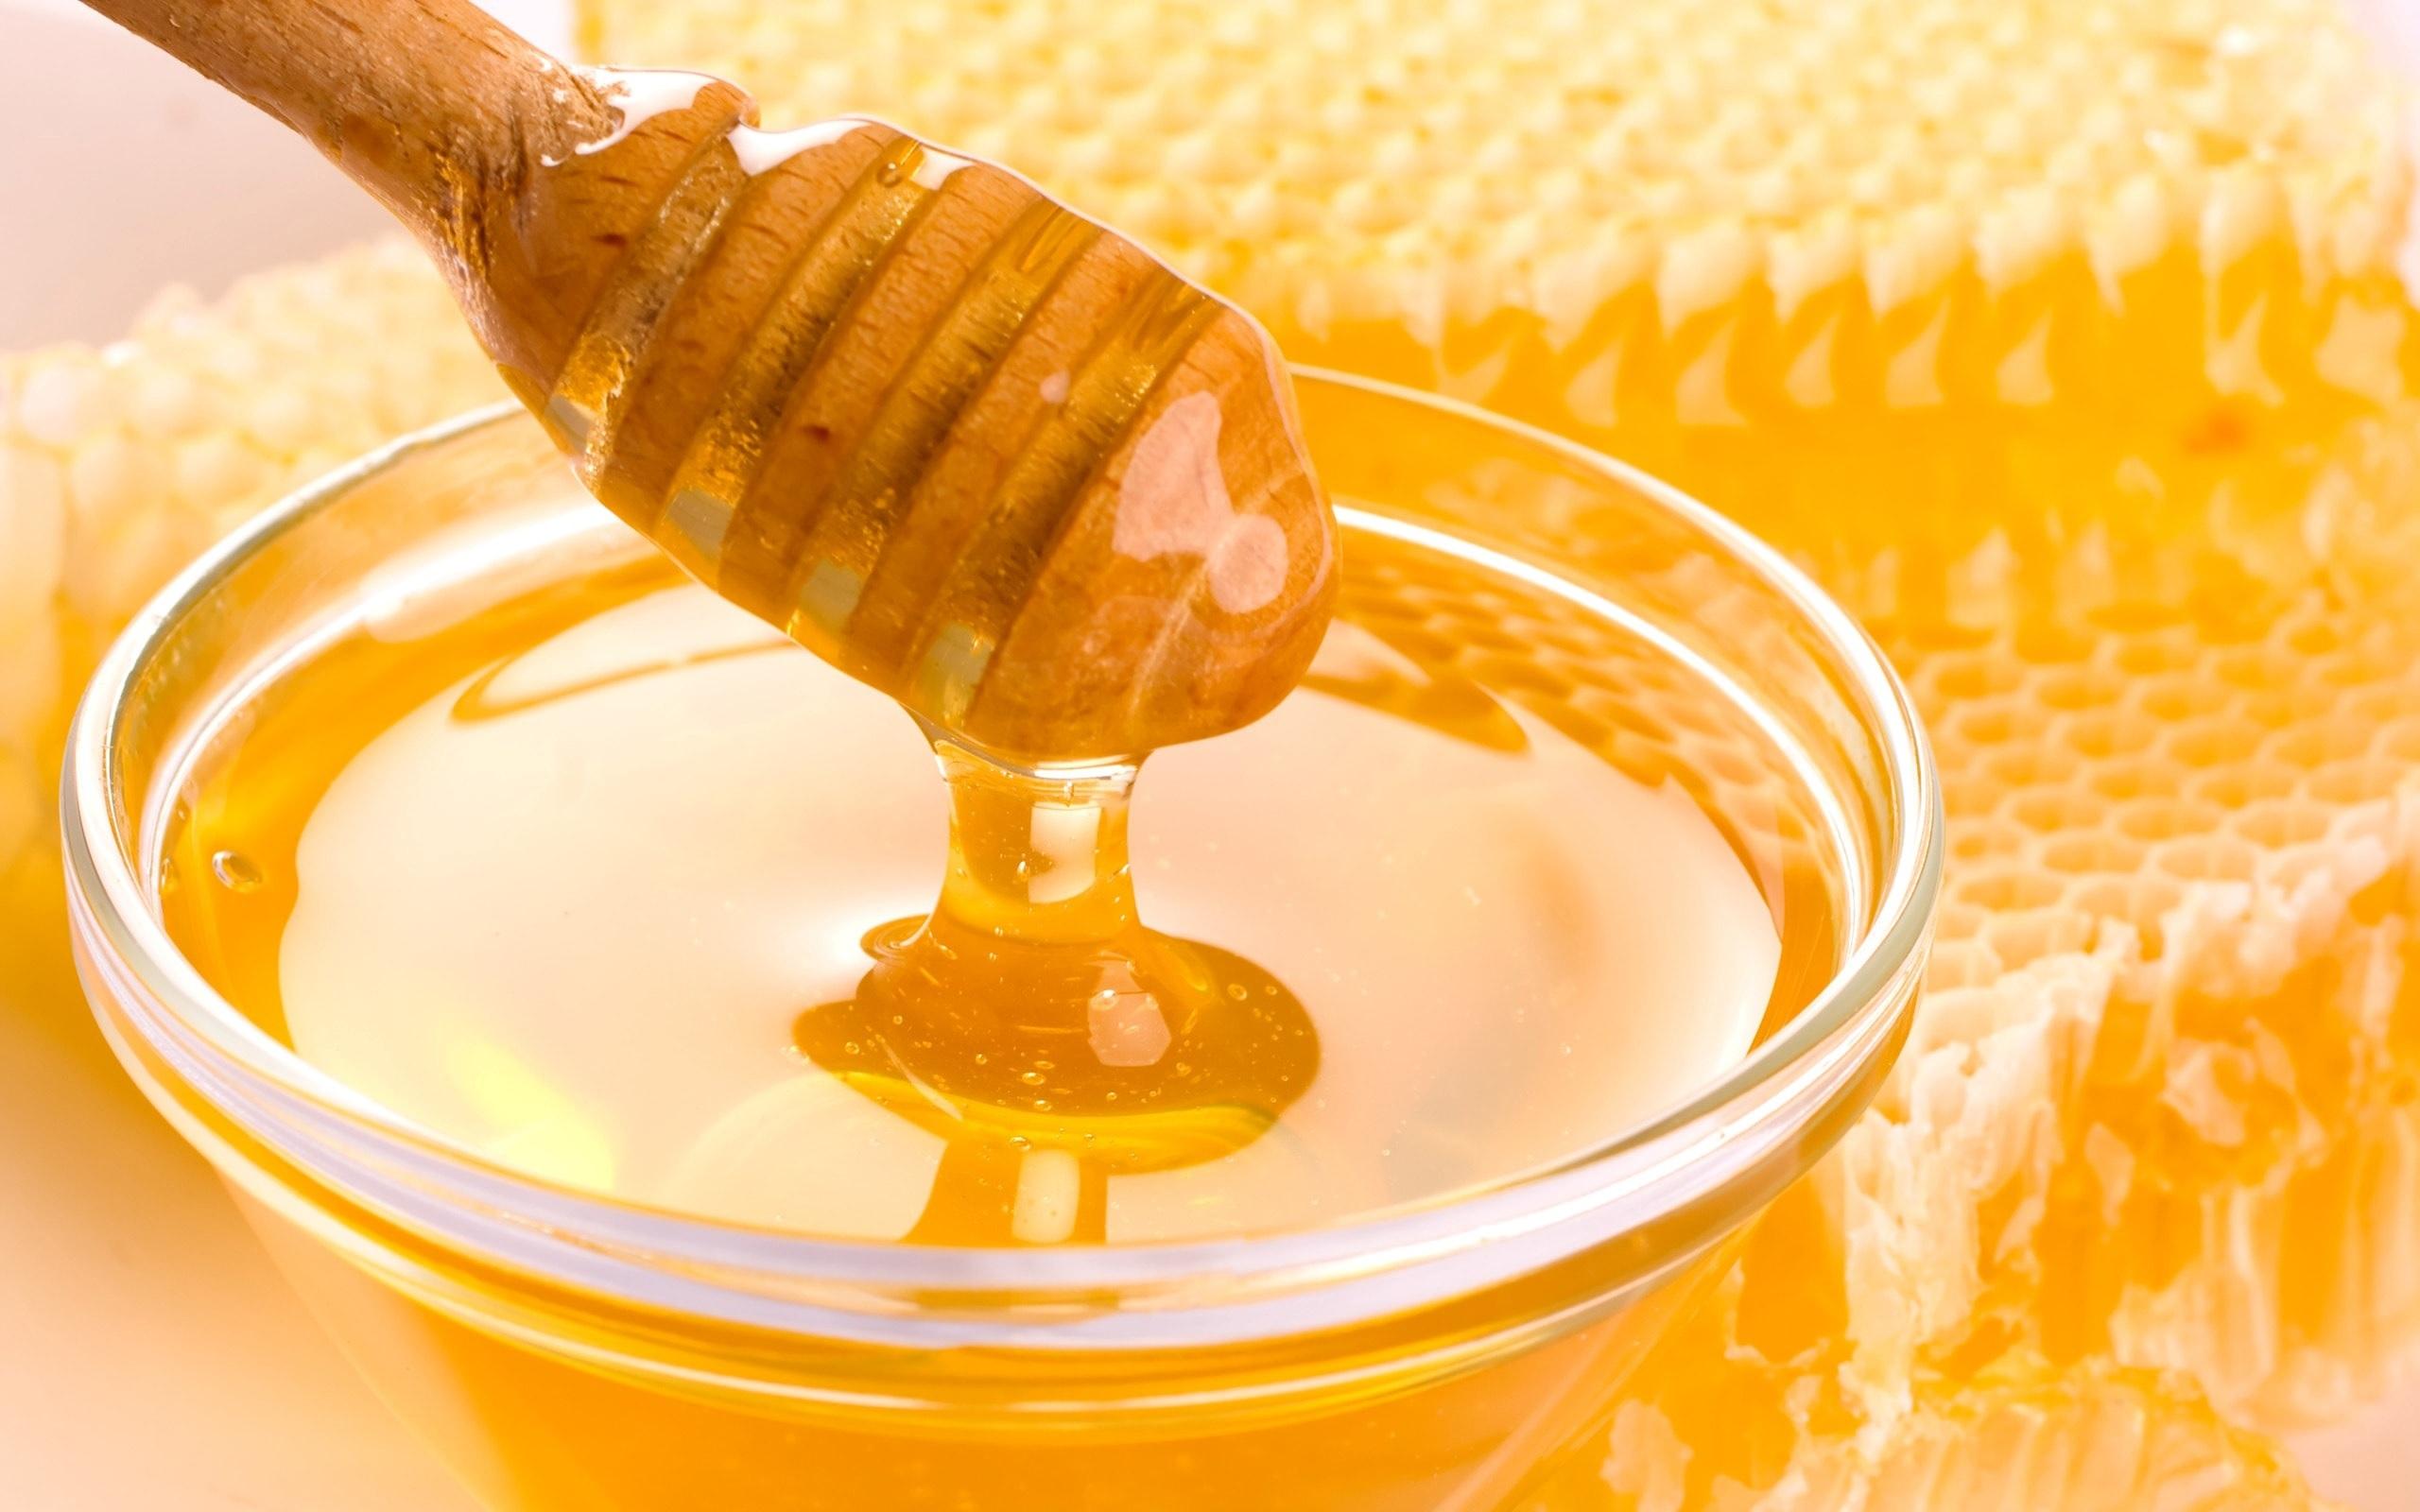 درمان مشکلات گوارشی با عسل زندو